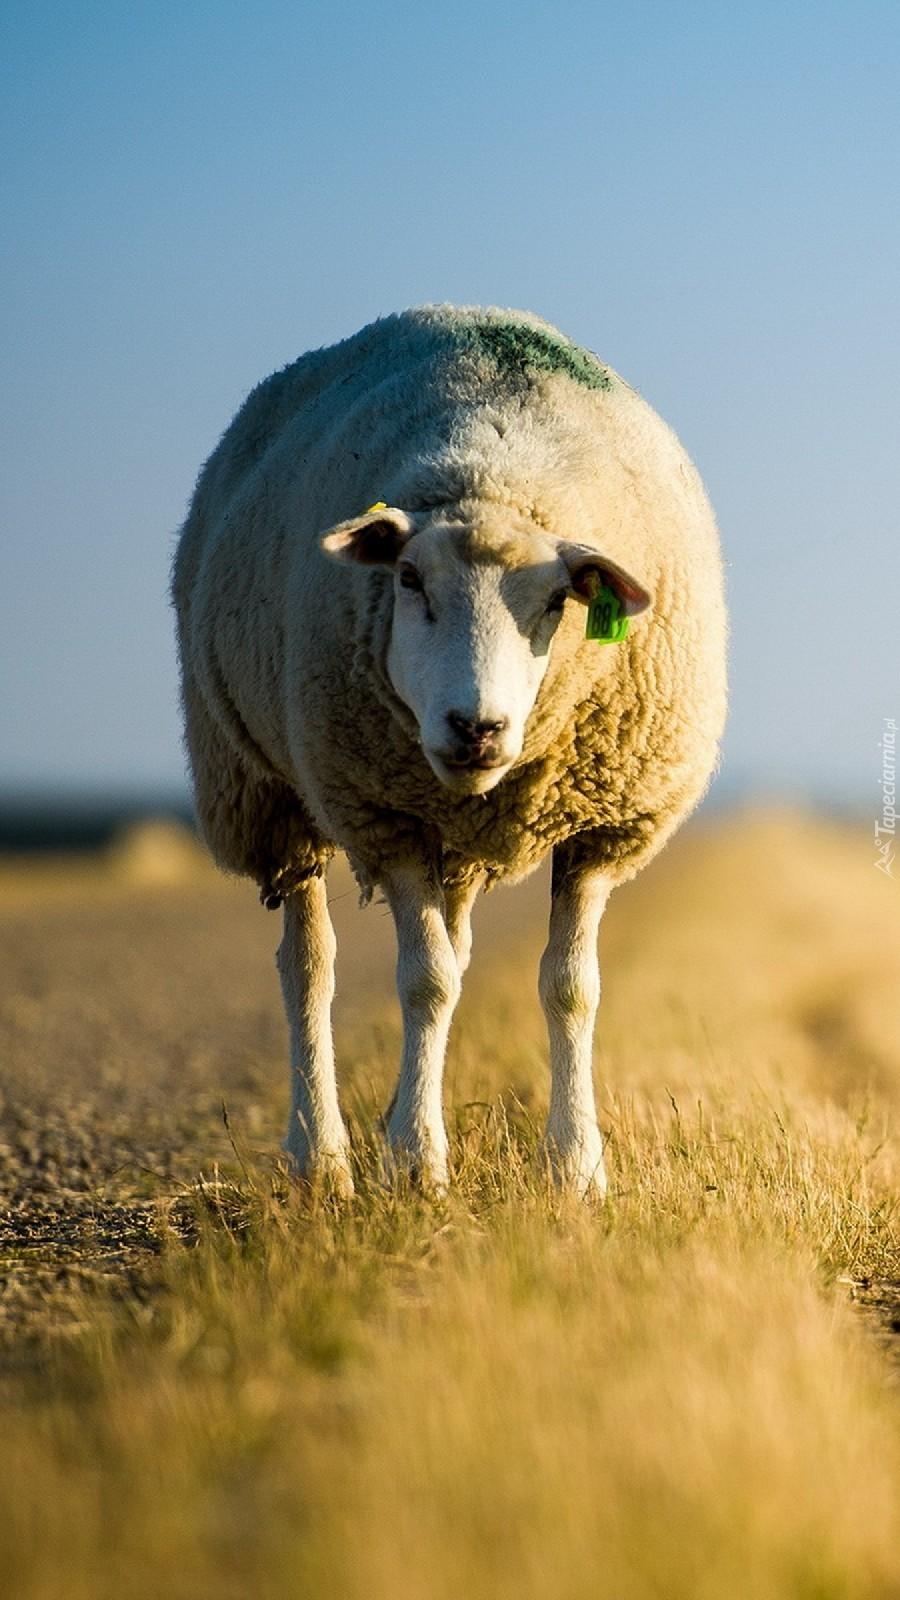 Zagubiona owieczka